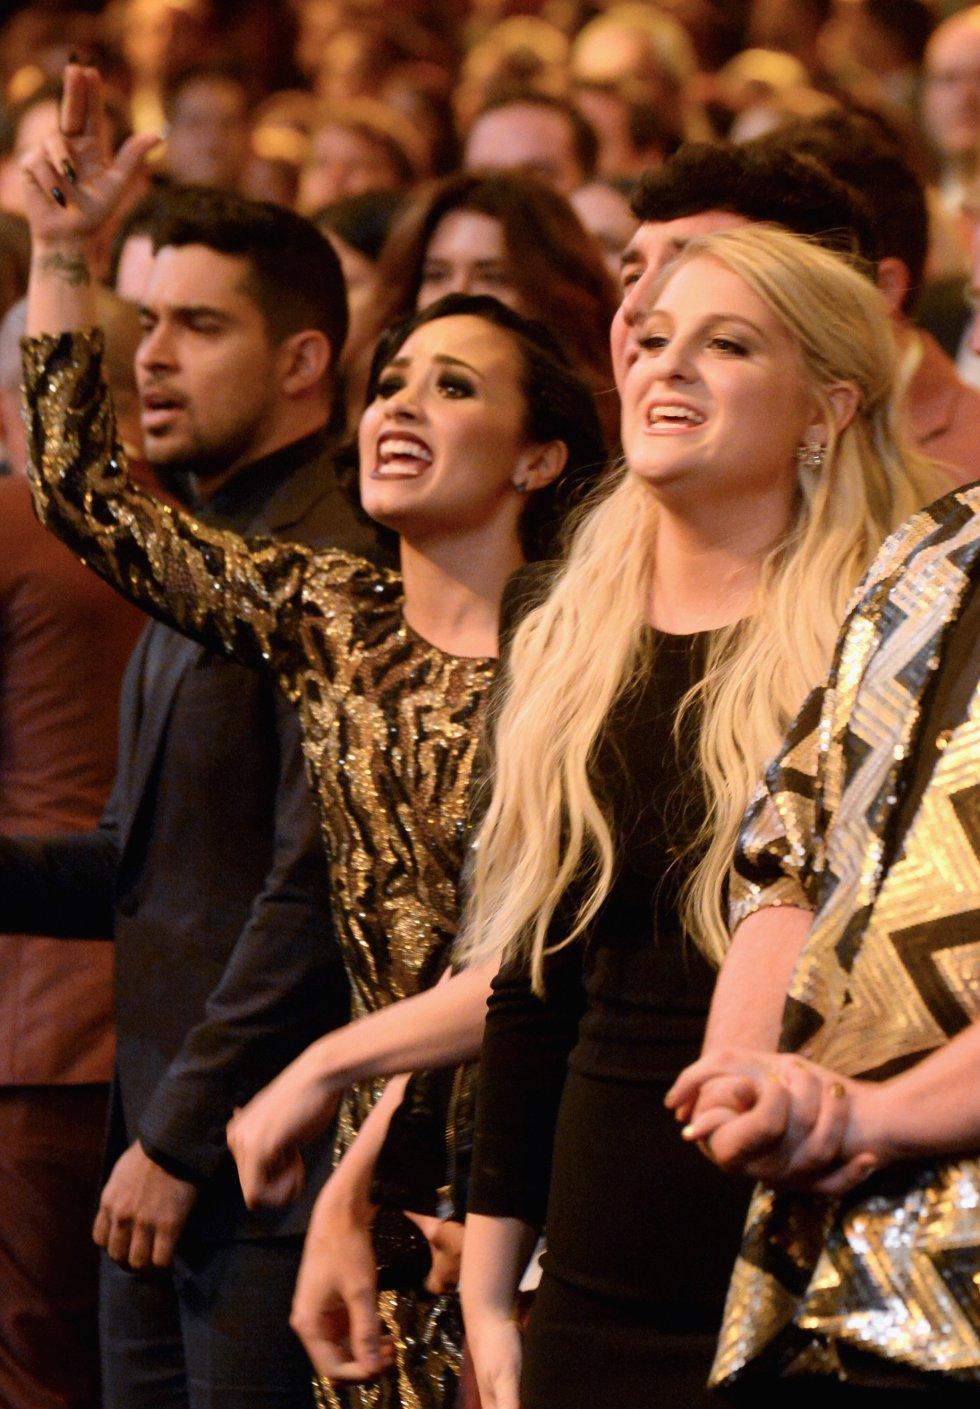 El actor Wilmer Valderrama y las cantantes Demi Lovato y Meghan Trainor, durante la ceremonia de los American Music Awards 2015.